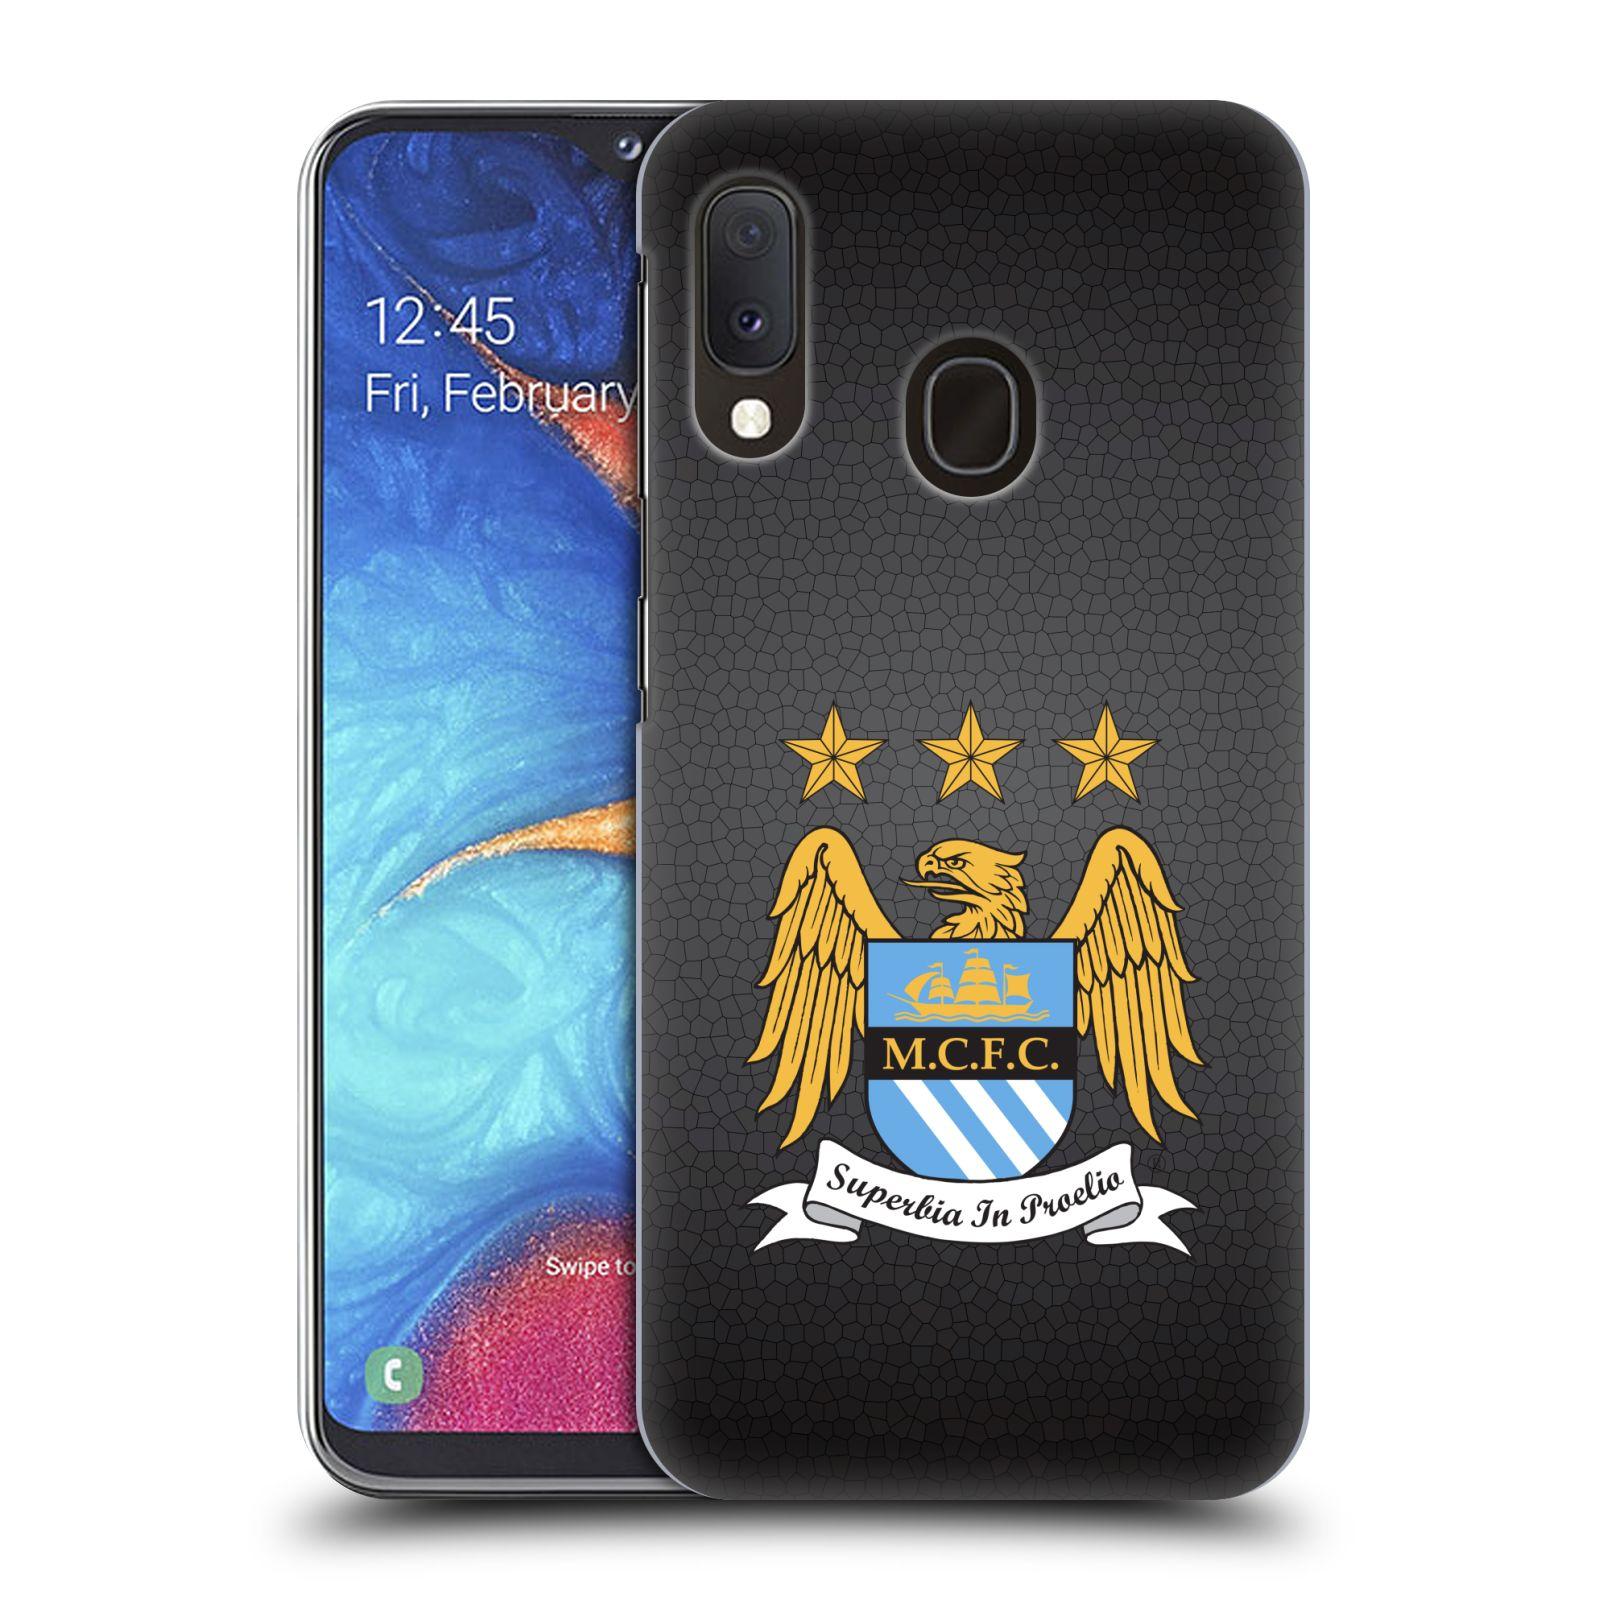 Plastové pouzdro na mobil Samsung Galaxy A20e - Head Case - Manchester City FC - Superbia In Proelio